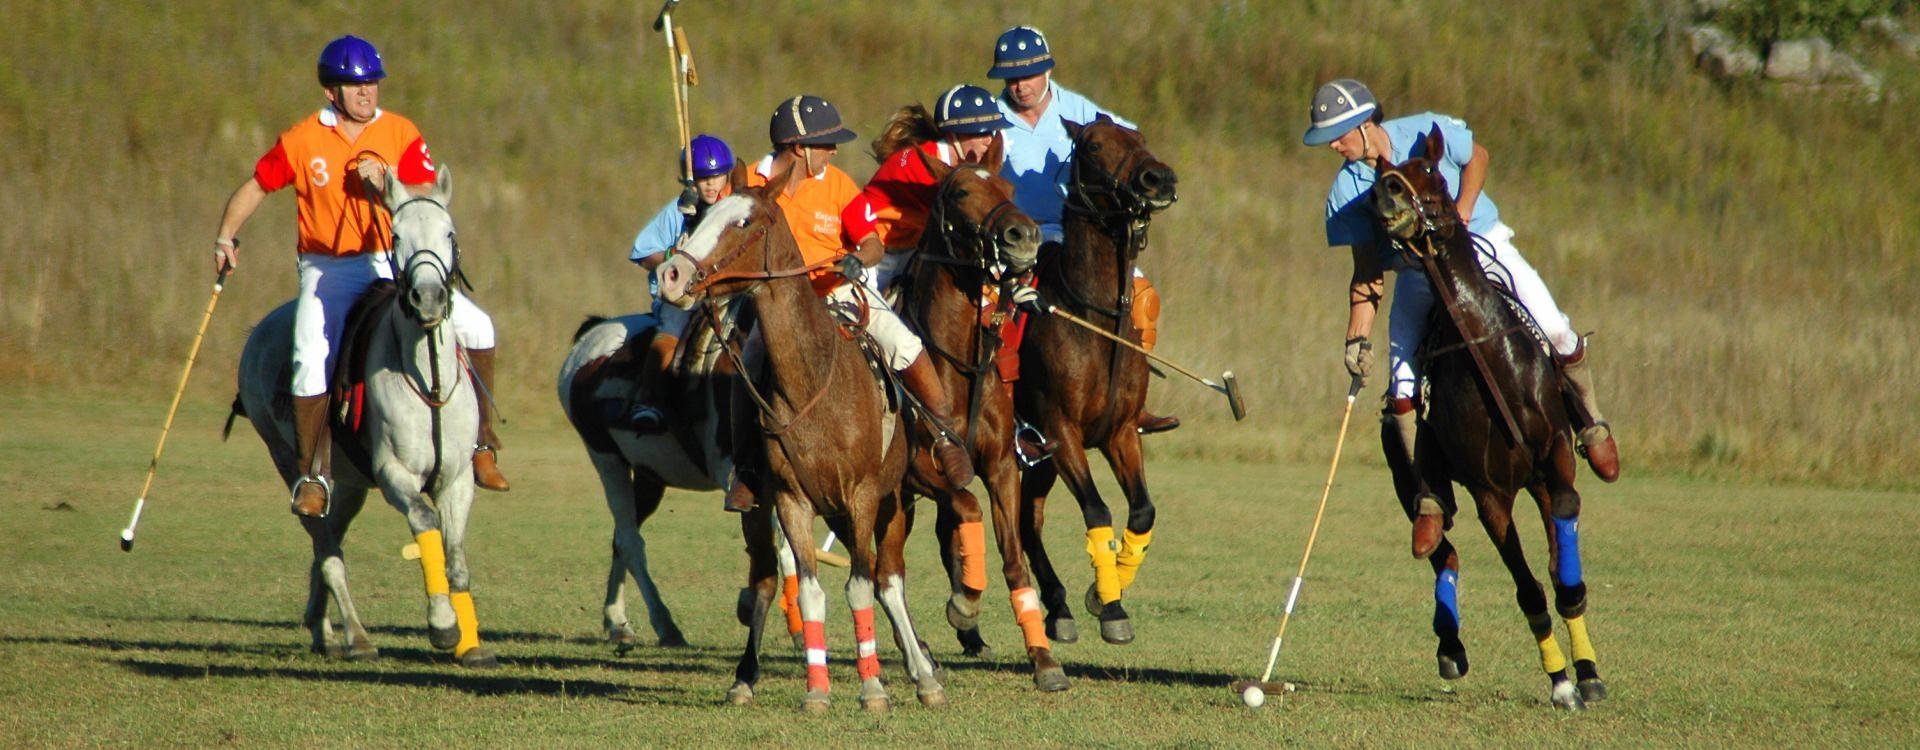 Polo at Estancia Los Potreros Argentina